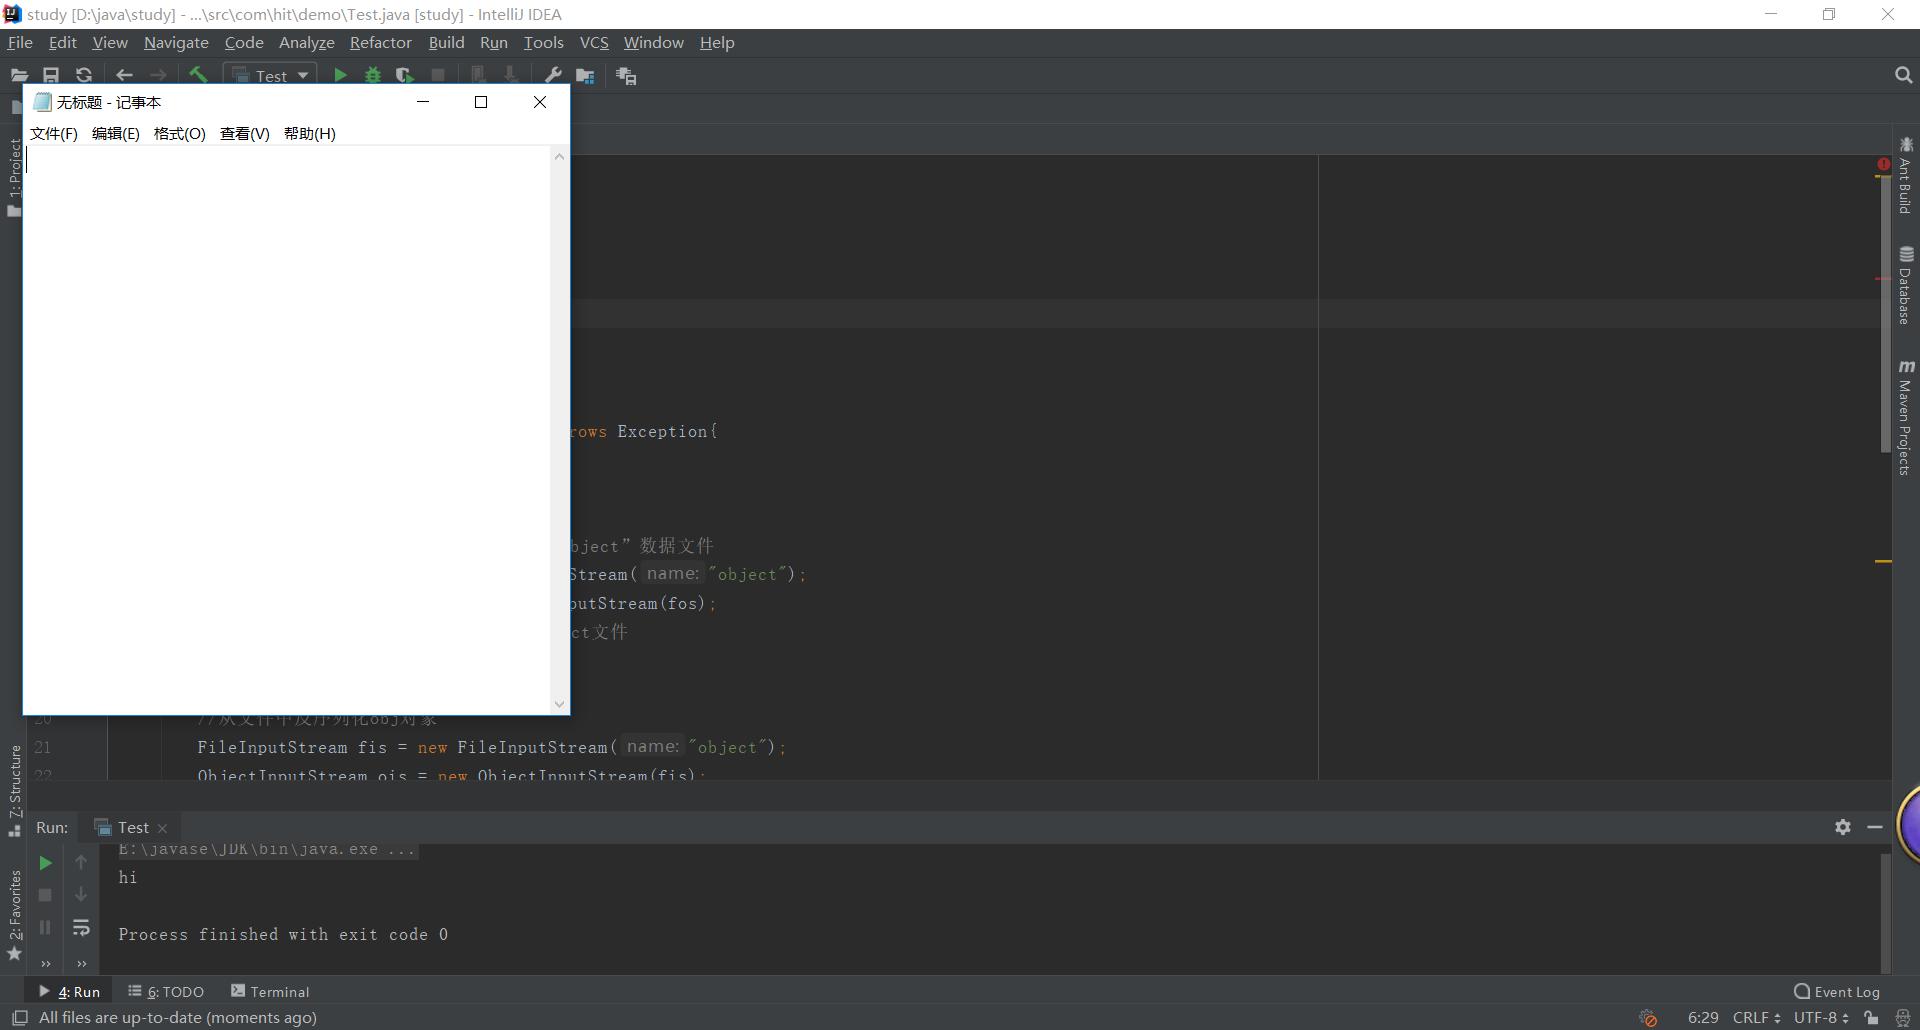 理解Java反序列化漏洞(1) | 南黎